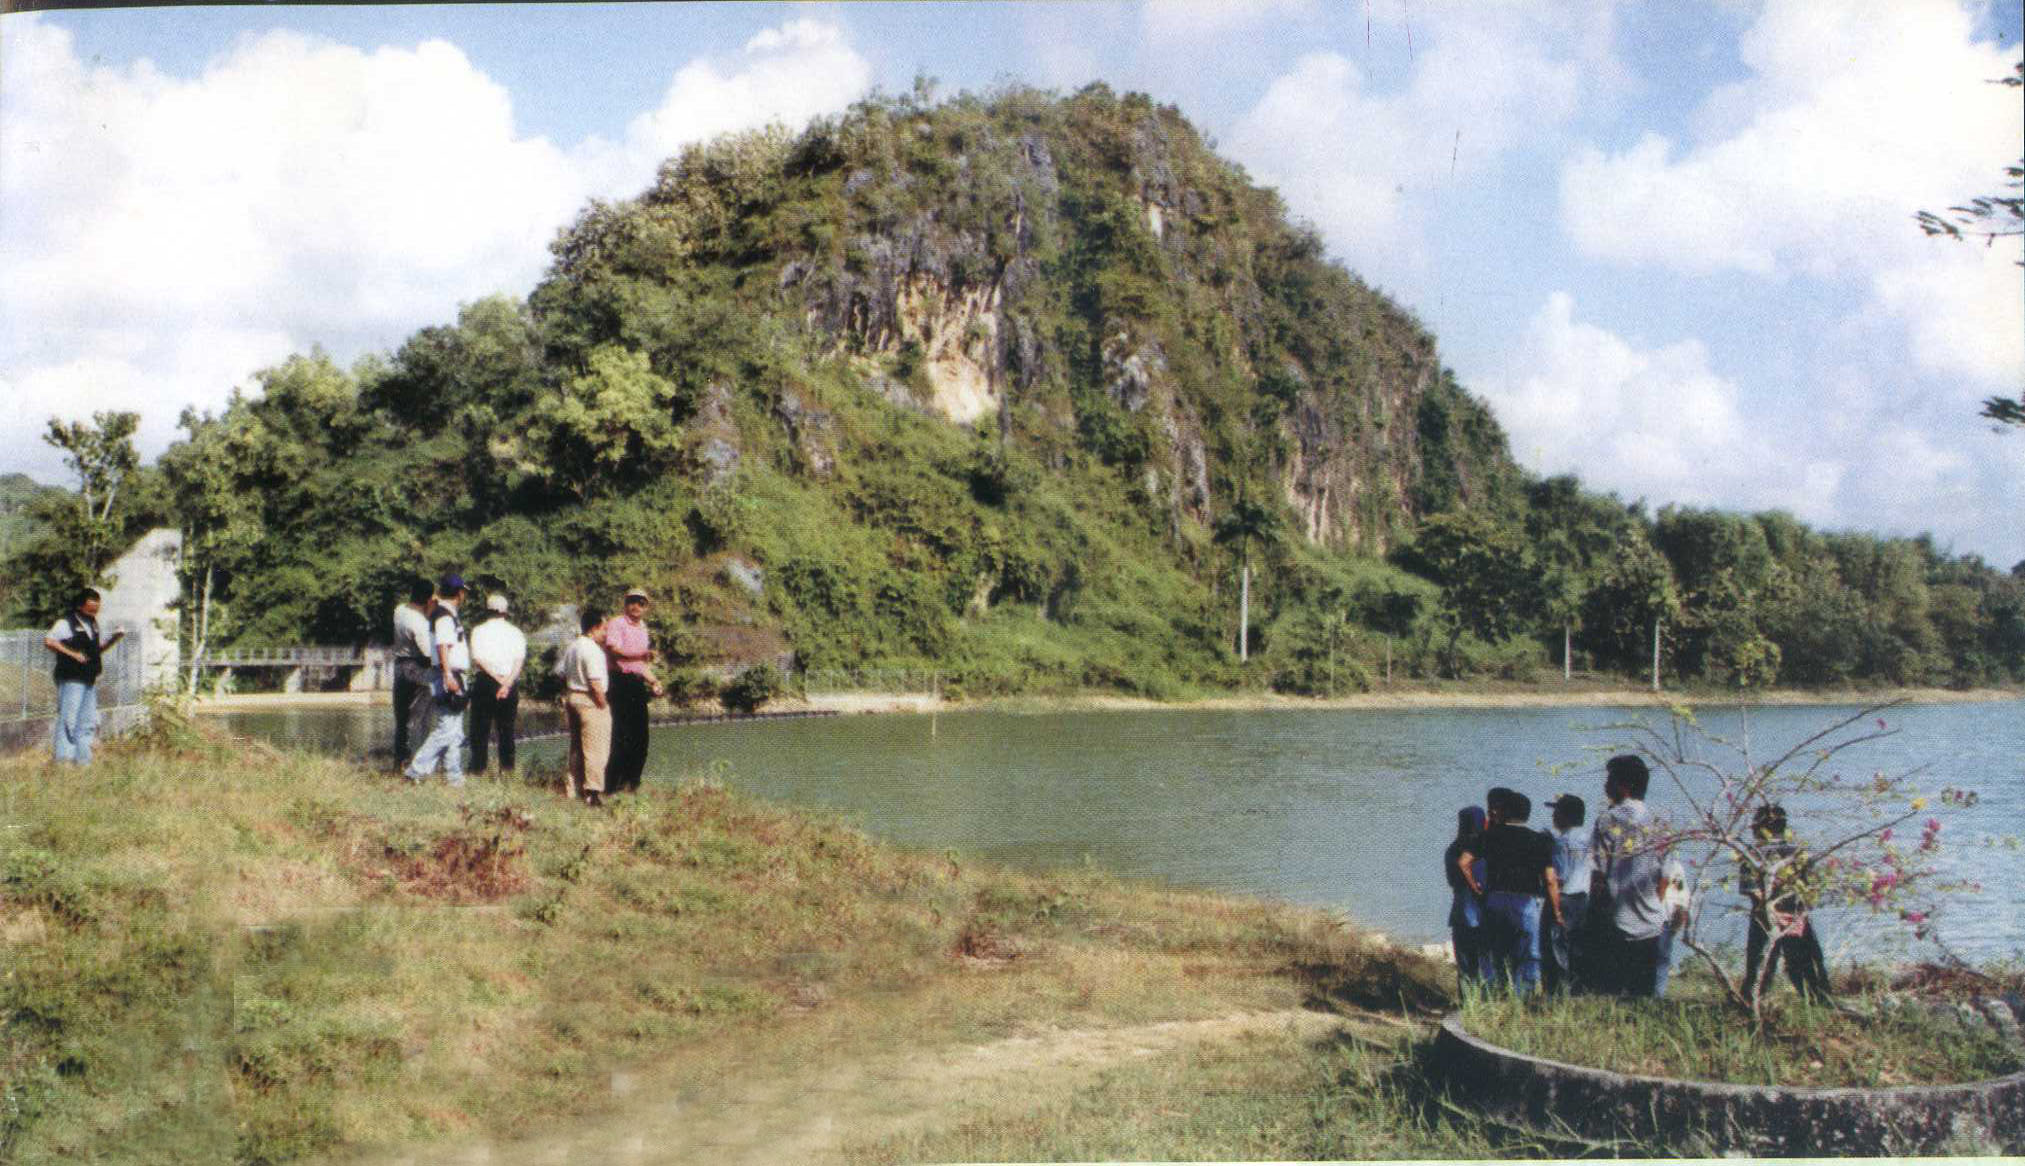 Sampang November 2012 Waduk Klampis Obyek Wisata Telaga Satu Satunya